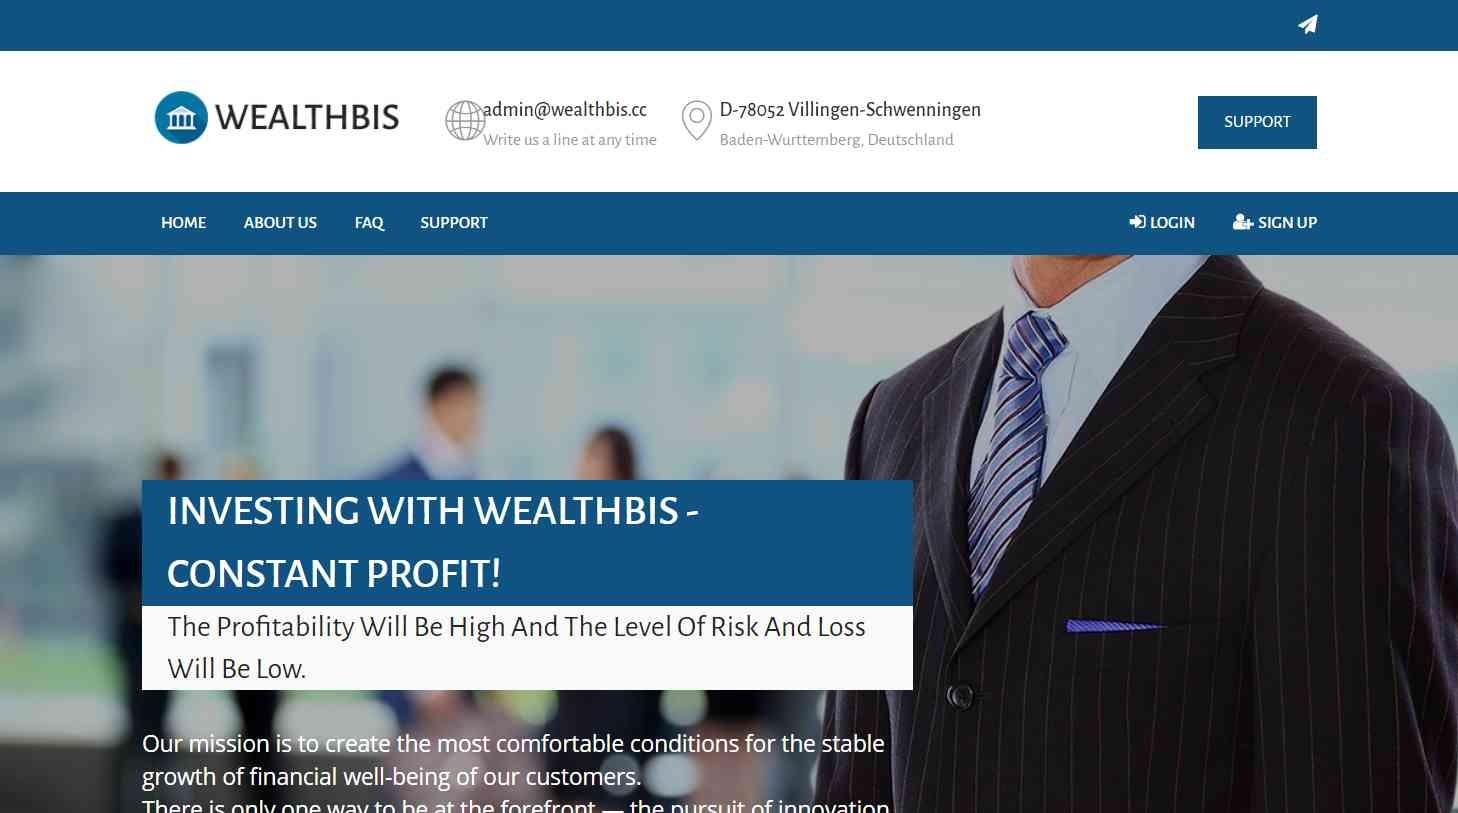 Wealthbis